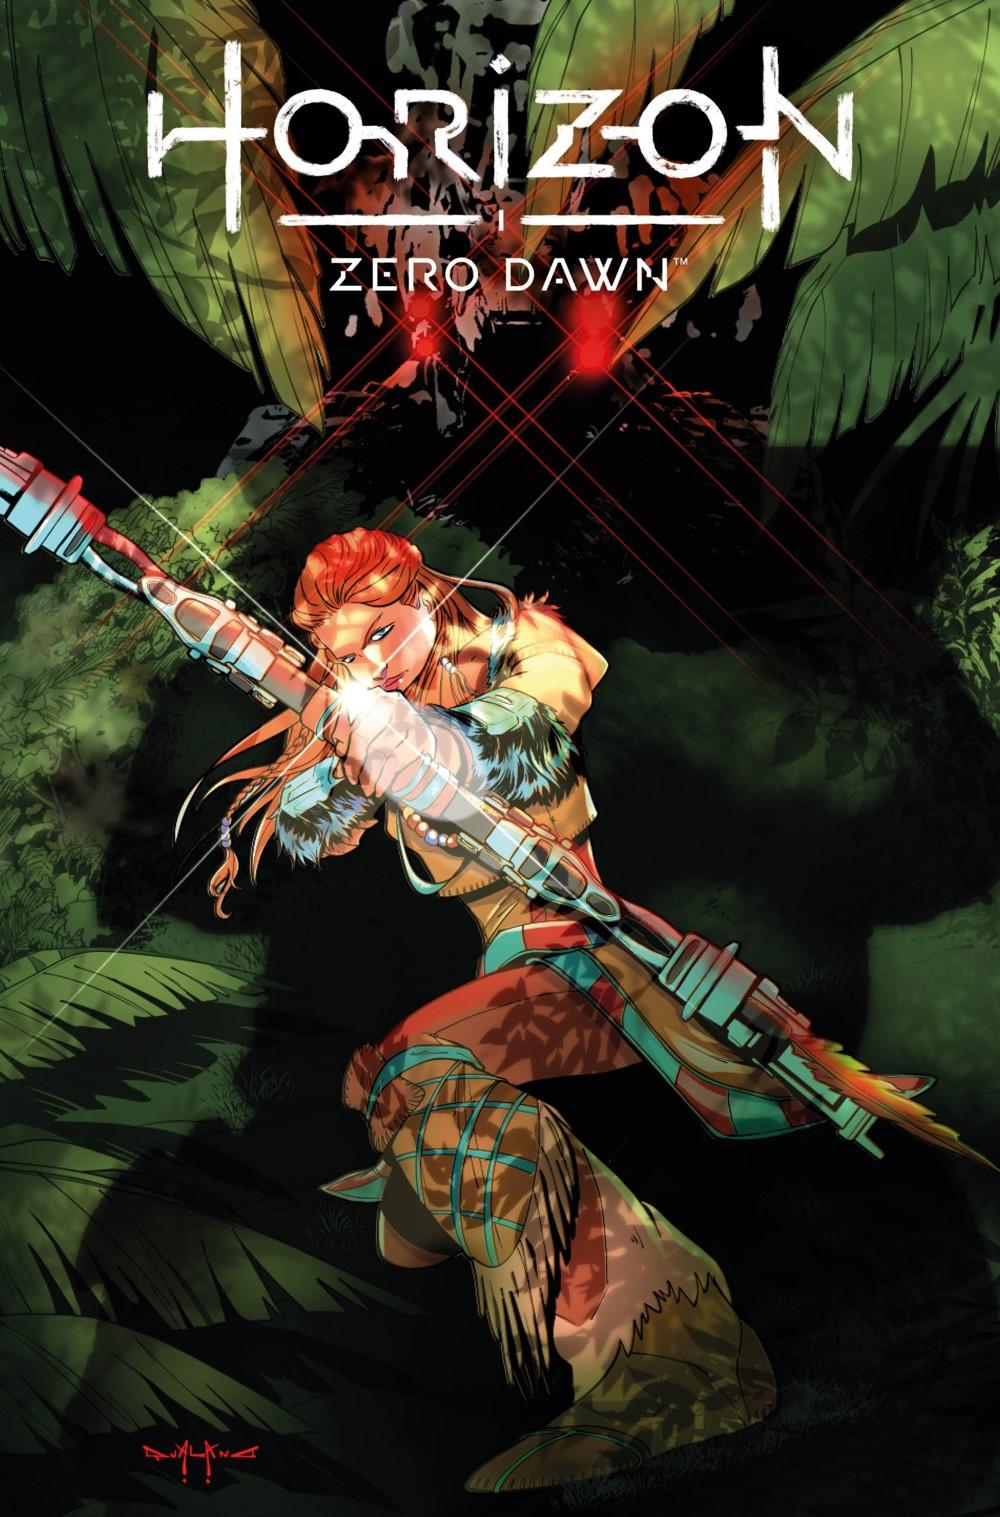 HorizonZeroDawn24_00_Cover_A Titan Comics October 2021 Solicitations